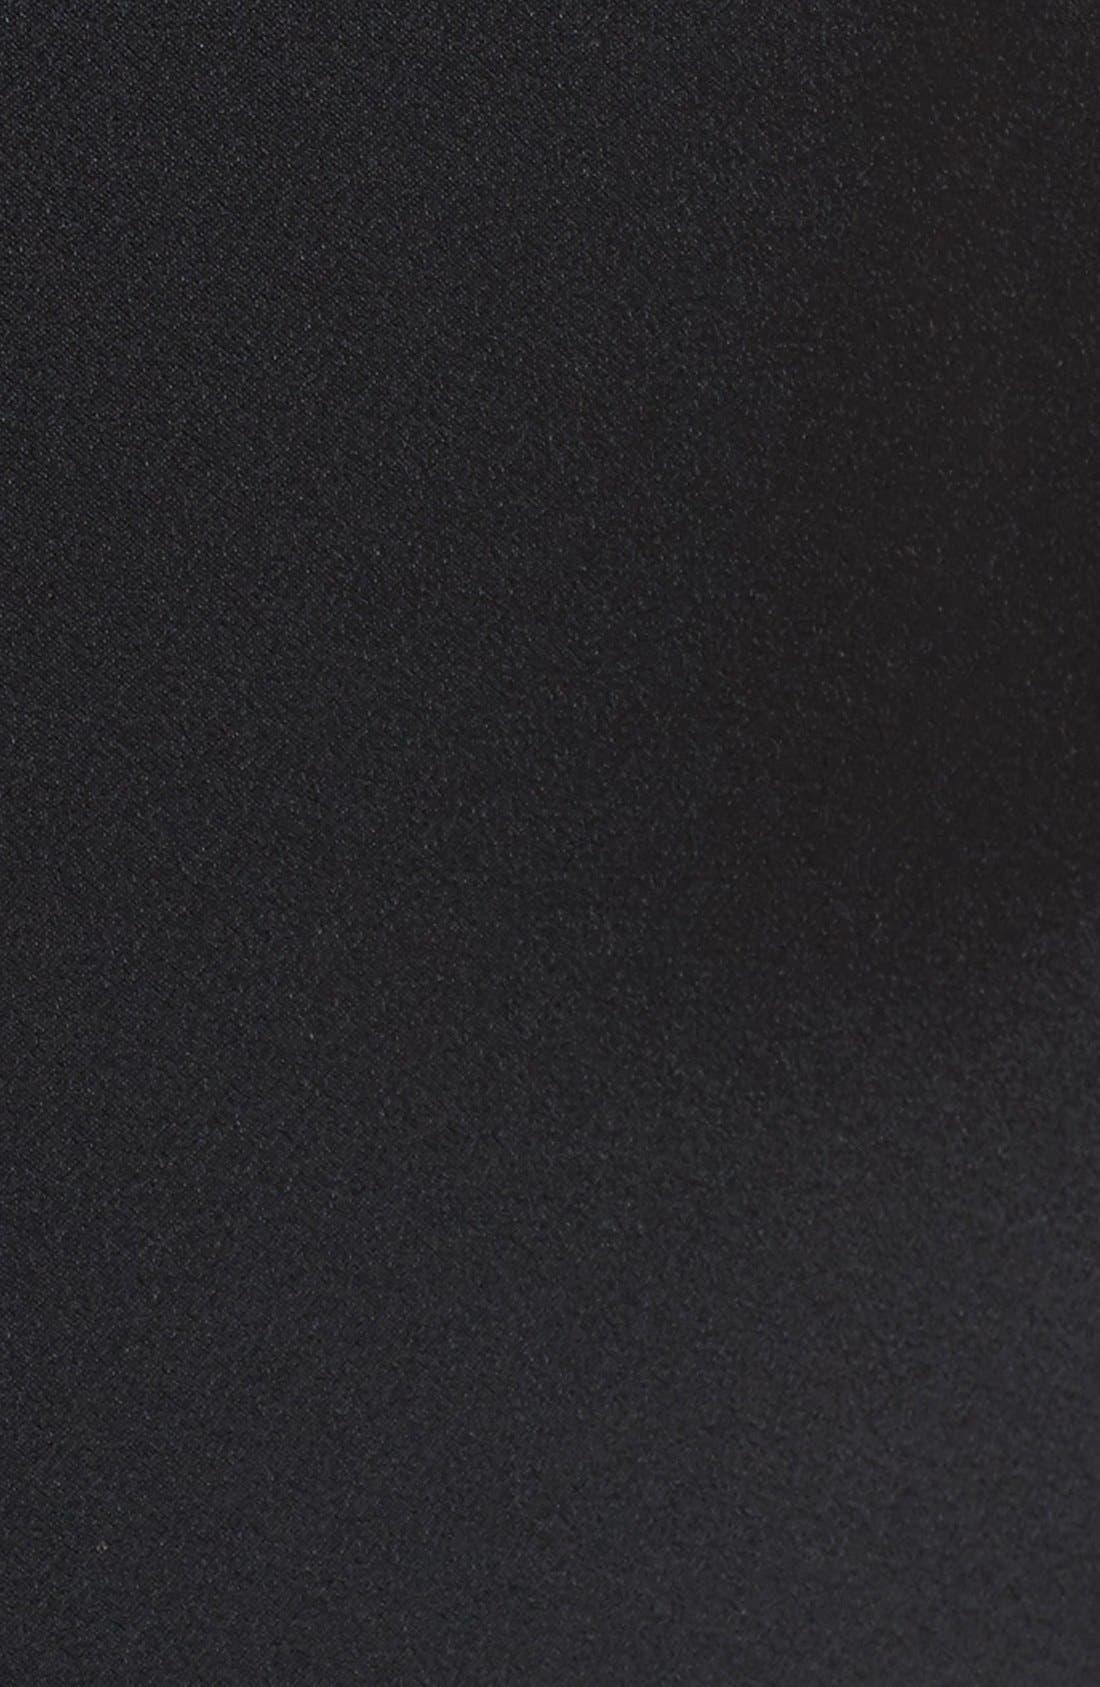 'Adler' Sleeveless Blazer Dress,                             Alternate thumbnail 4, color,                             001